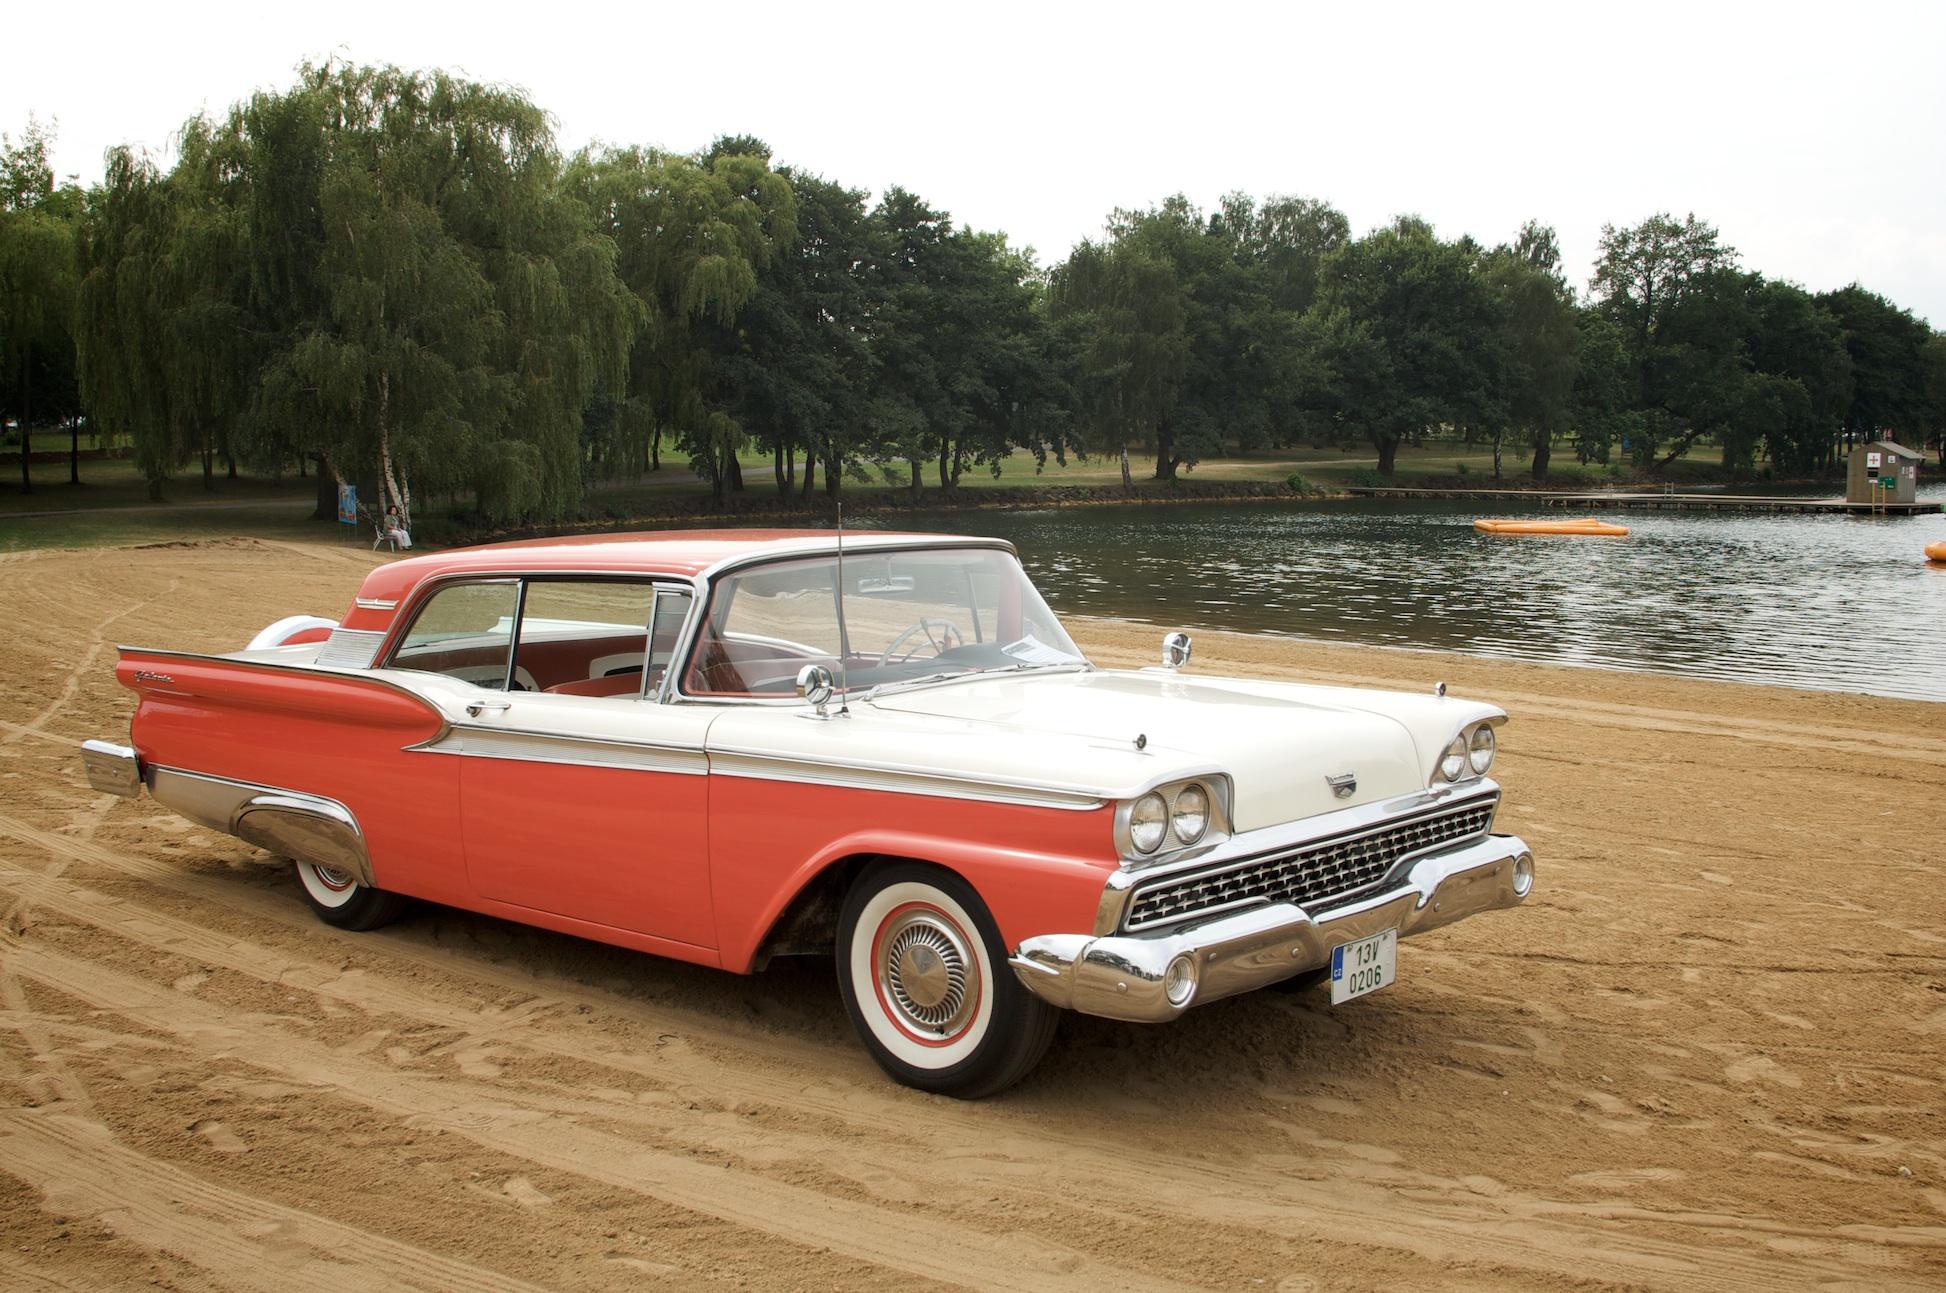 1959 Ford Galaxie Fairlane Cadillac Klub Čr